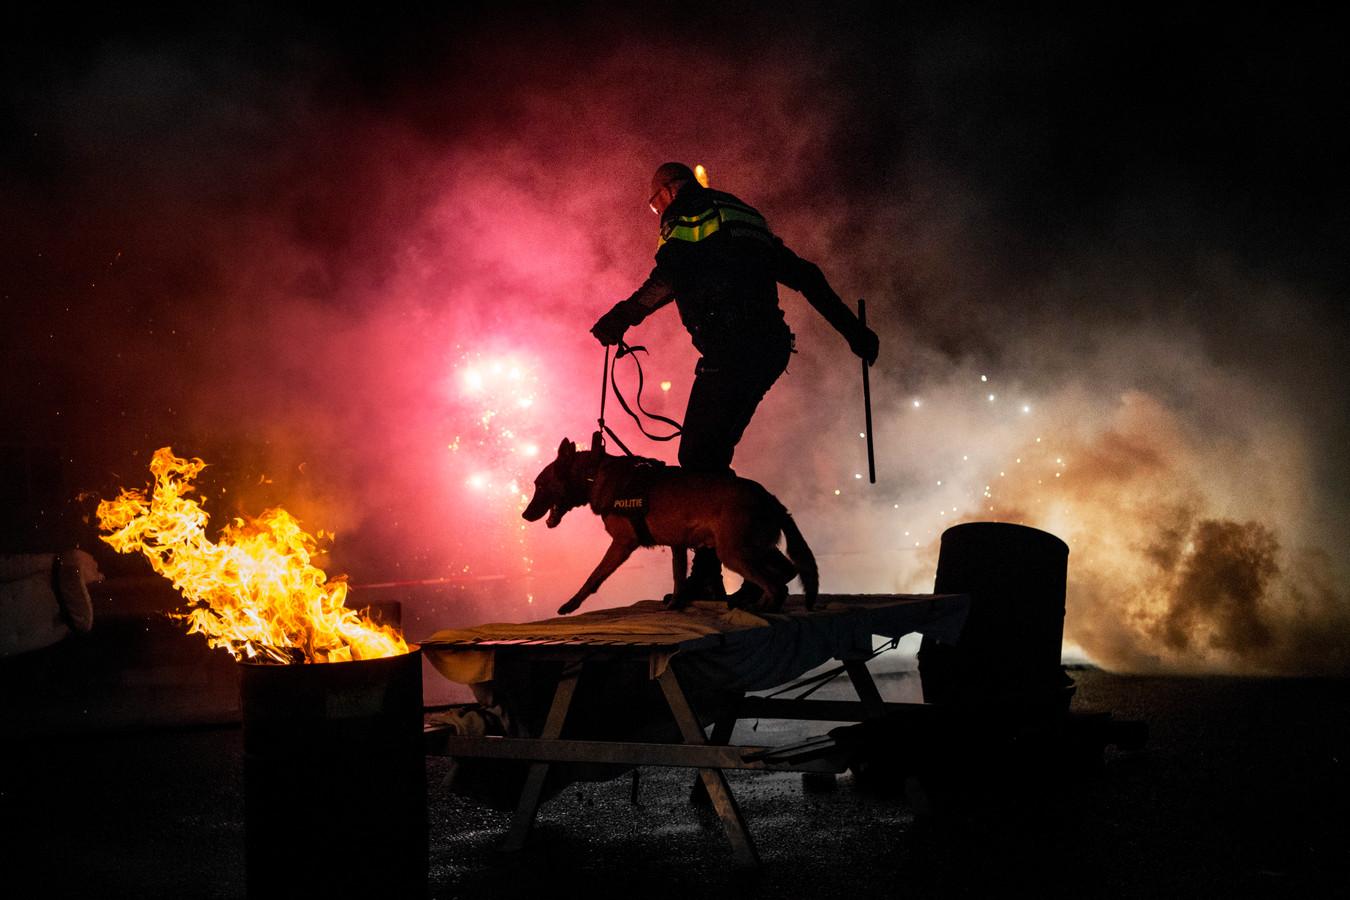 De confrontatie met vuur, rook en knallen moet deze politiehond stressbestendig maken voor het tumult rond oud en nieuw.